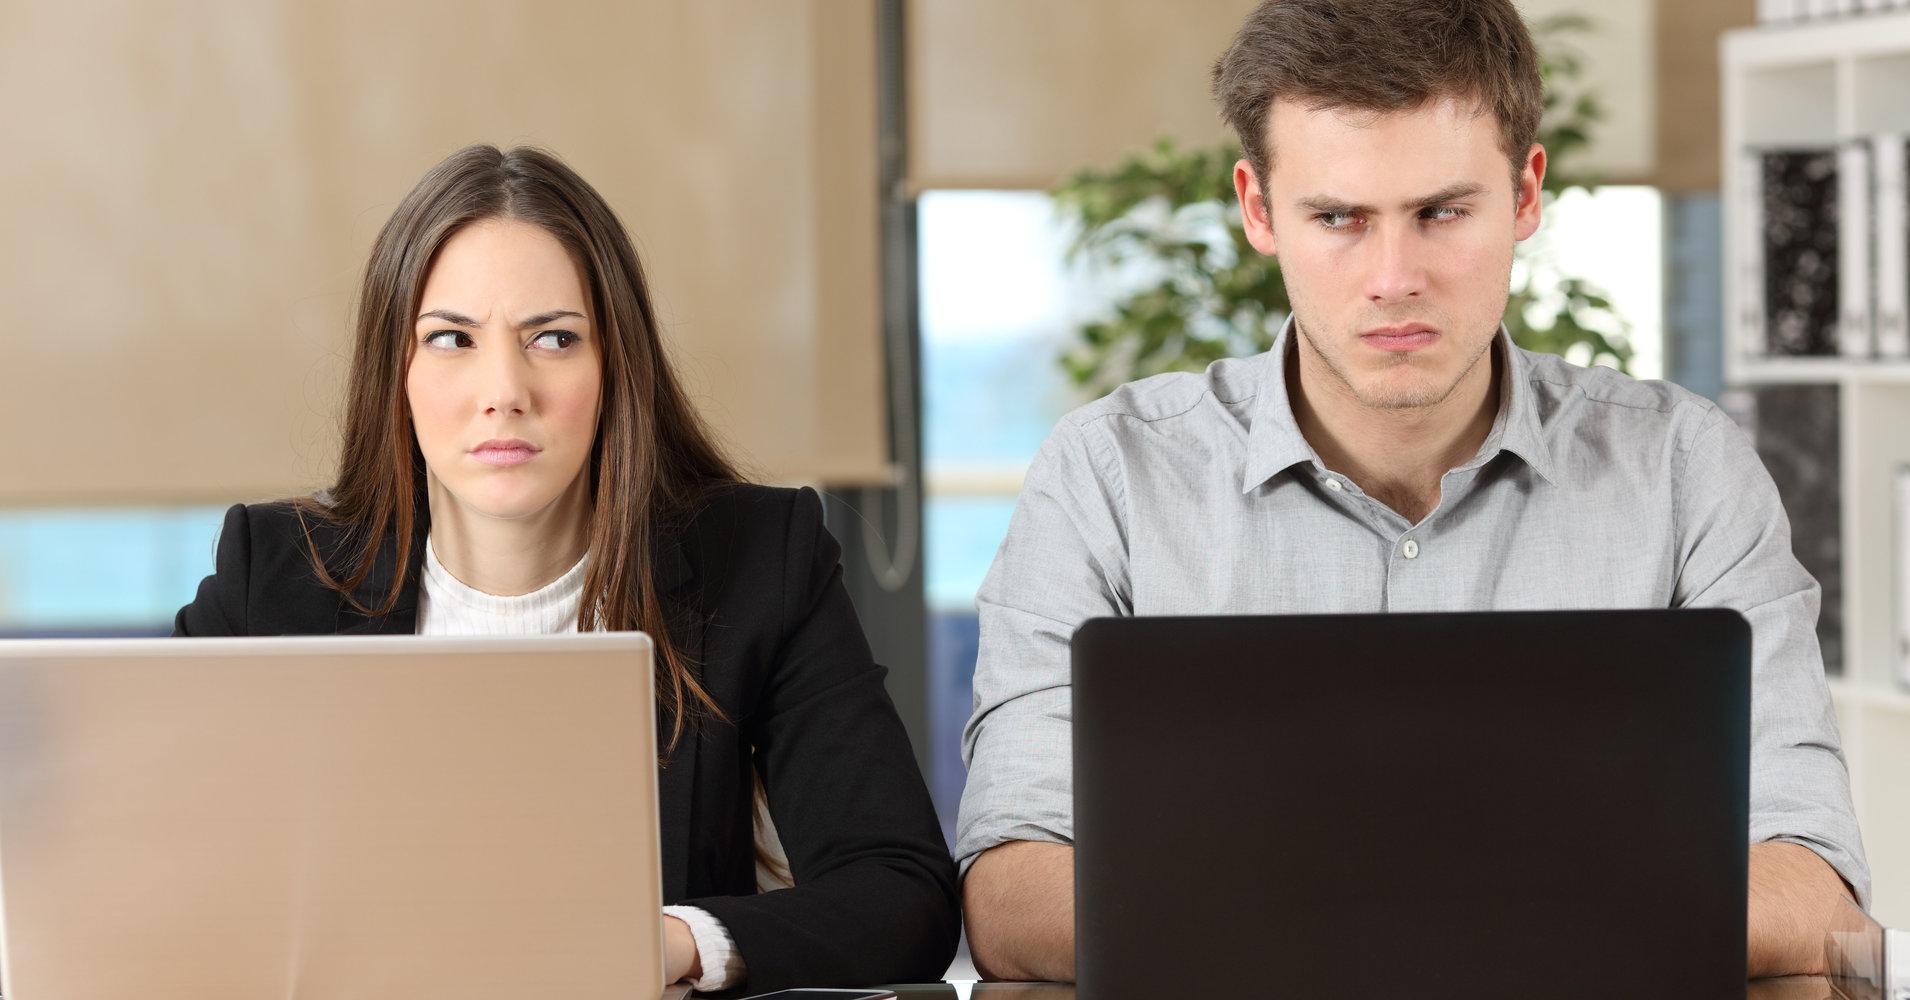 با همکار مشکل ساز و بی ادب چگونه رفتار کنیم؟